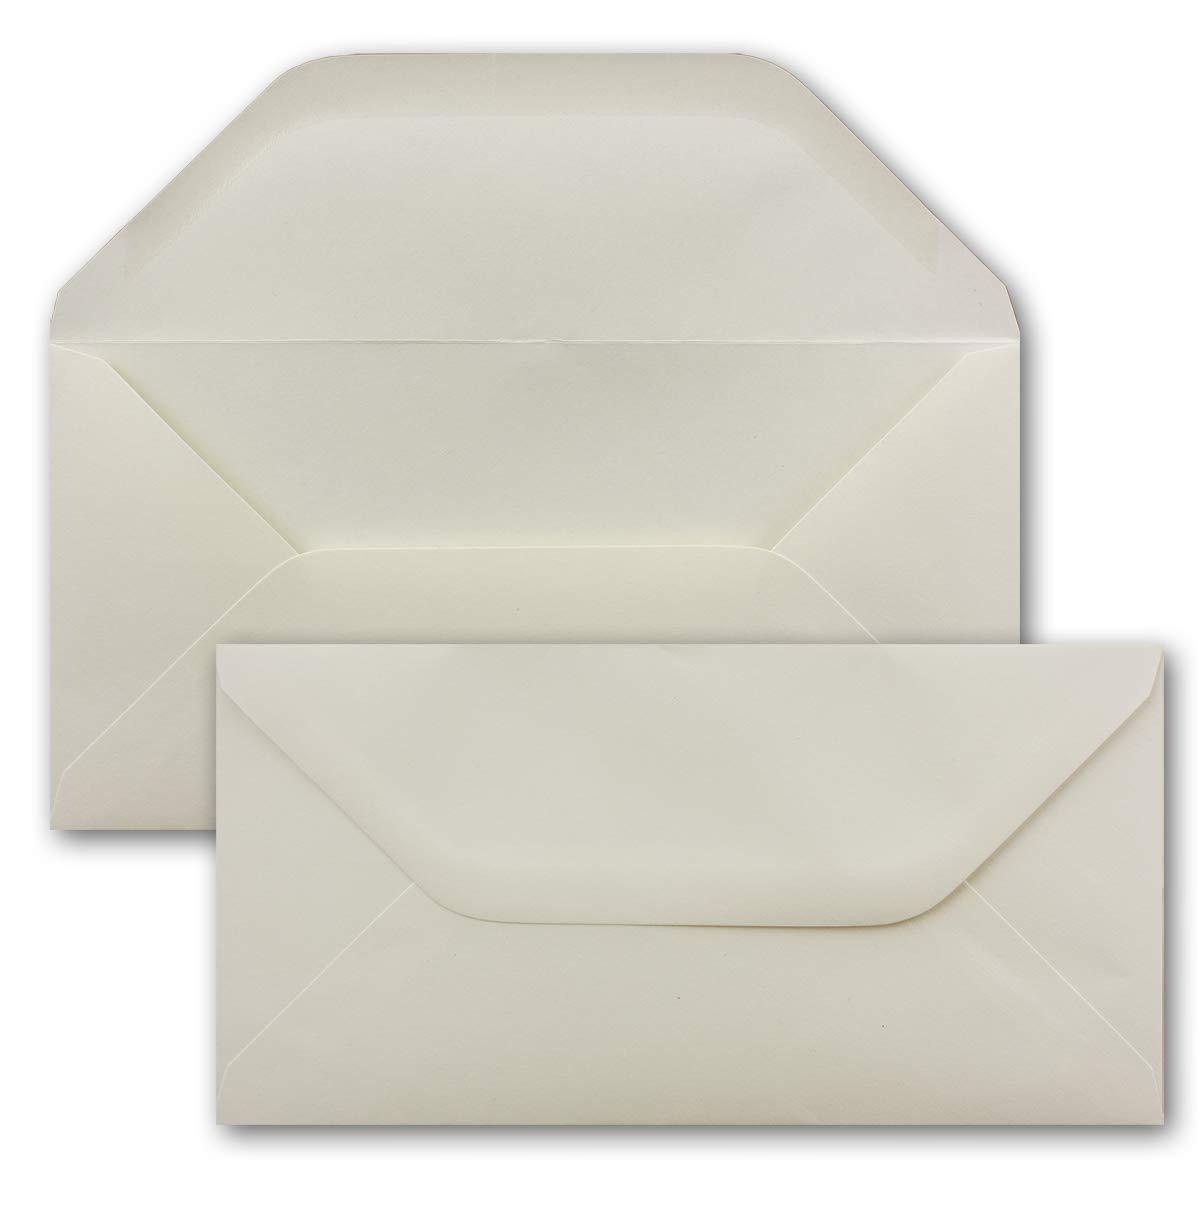 120 g//mq 100 St/ück Creme 220 x 110 mm Karten und Co diplomatici con lembo dritto - Buste per lettere carta colorata formato DIN lungo DIN Lang